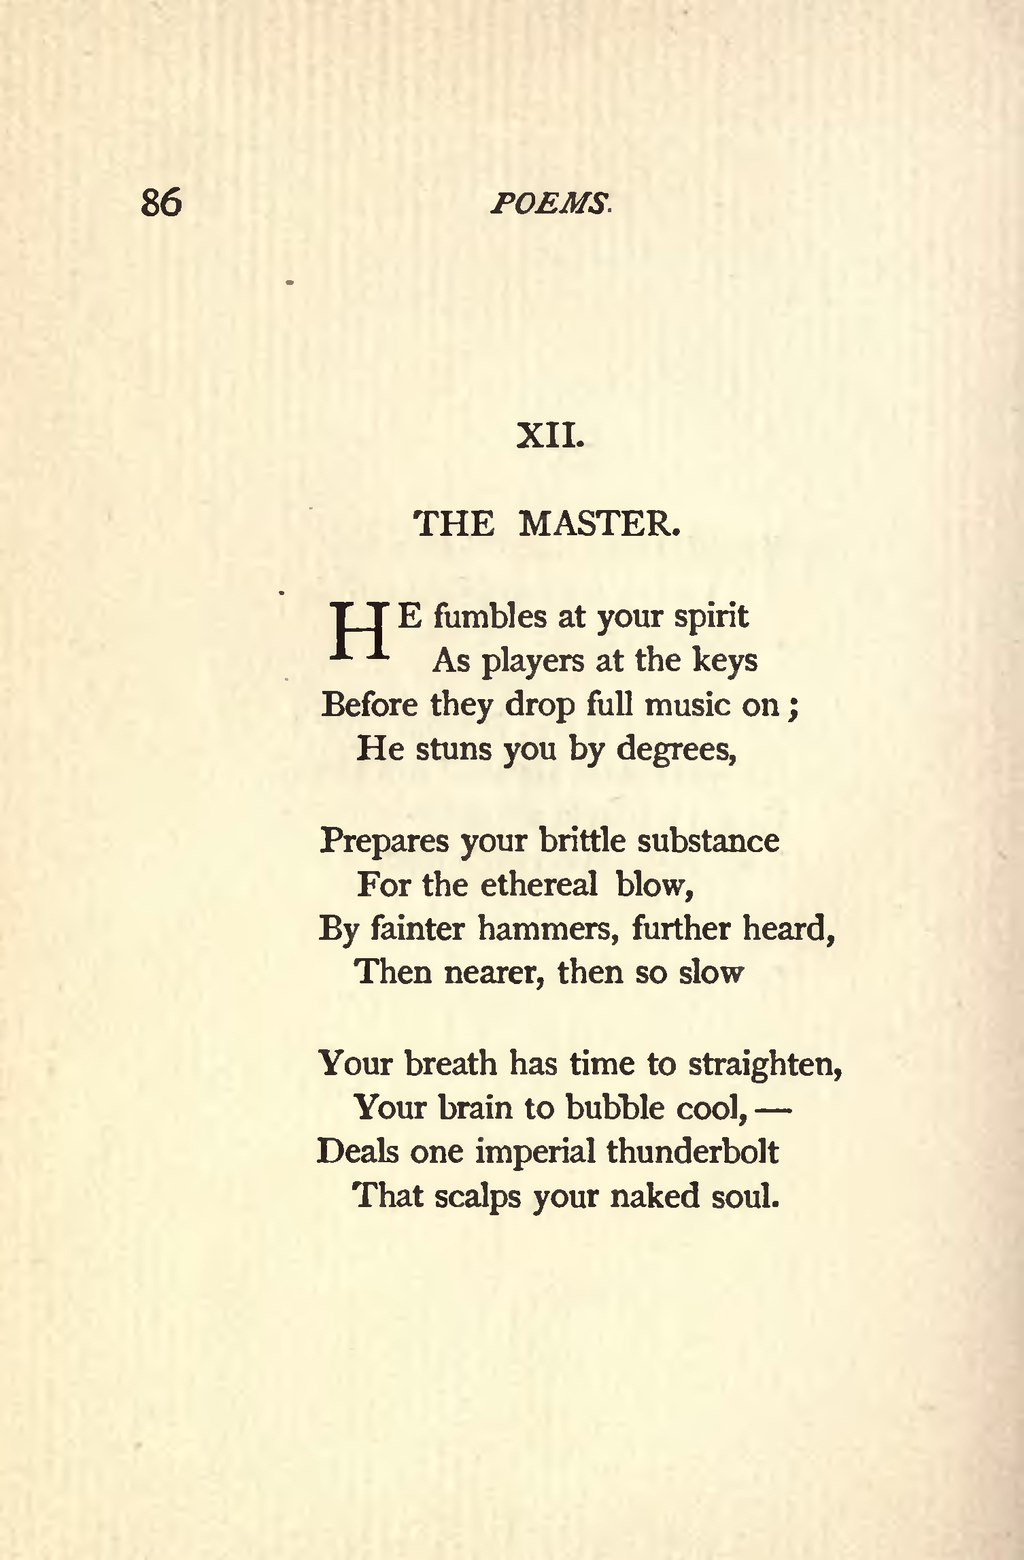 he fumbles at your spirit